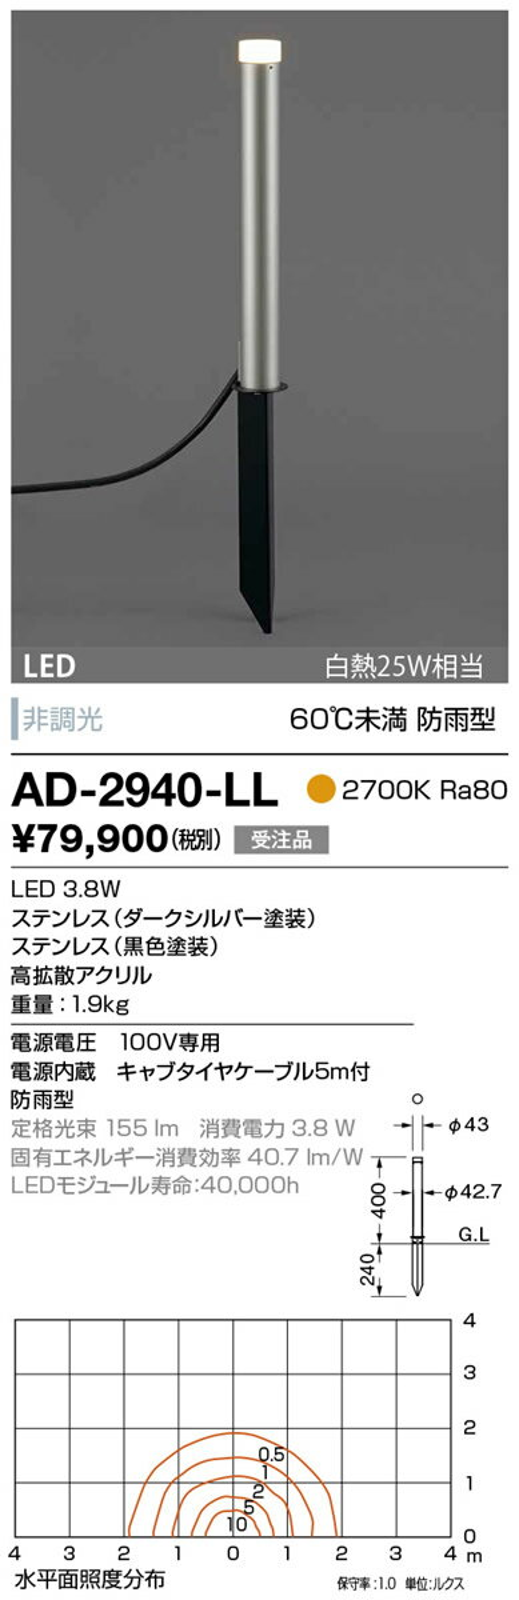 限定製作 AD-2940-LL 山田照明 照明器具 エクステリア LED一体型スーパースリムガーデンライト 拡散配光 電球色 白熱25W相当 非調光 60℃未満 防雨型